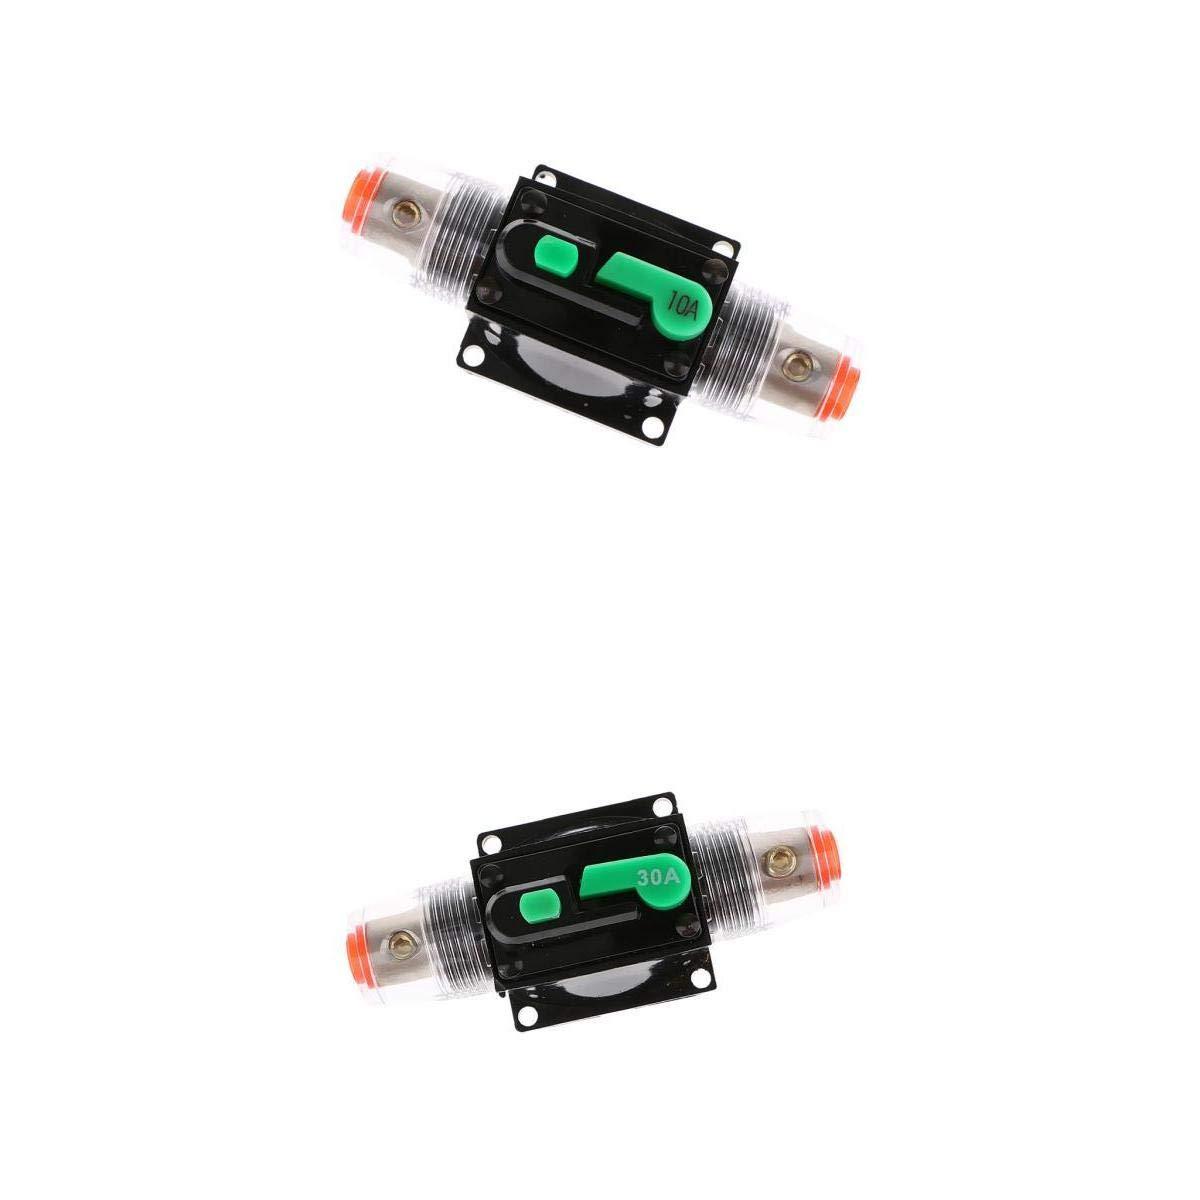 perfk 2Pack 10Amp&30Amp Manual Reset Circuit Breaker 12V-32V DC Car Audio Marine Boat Universal